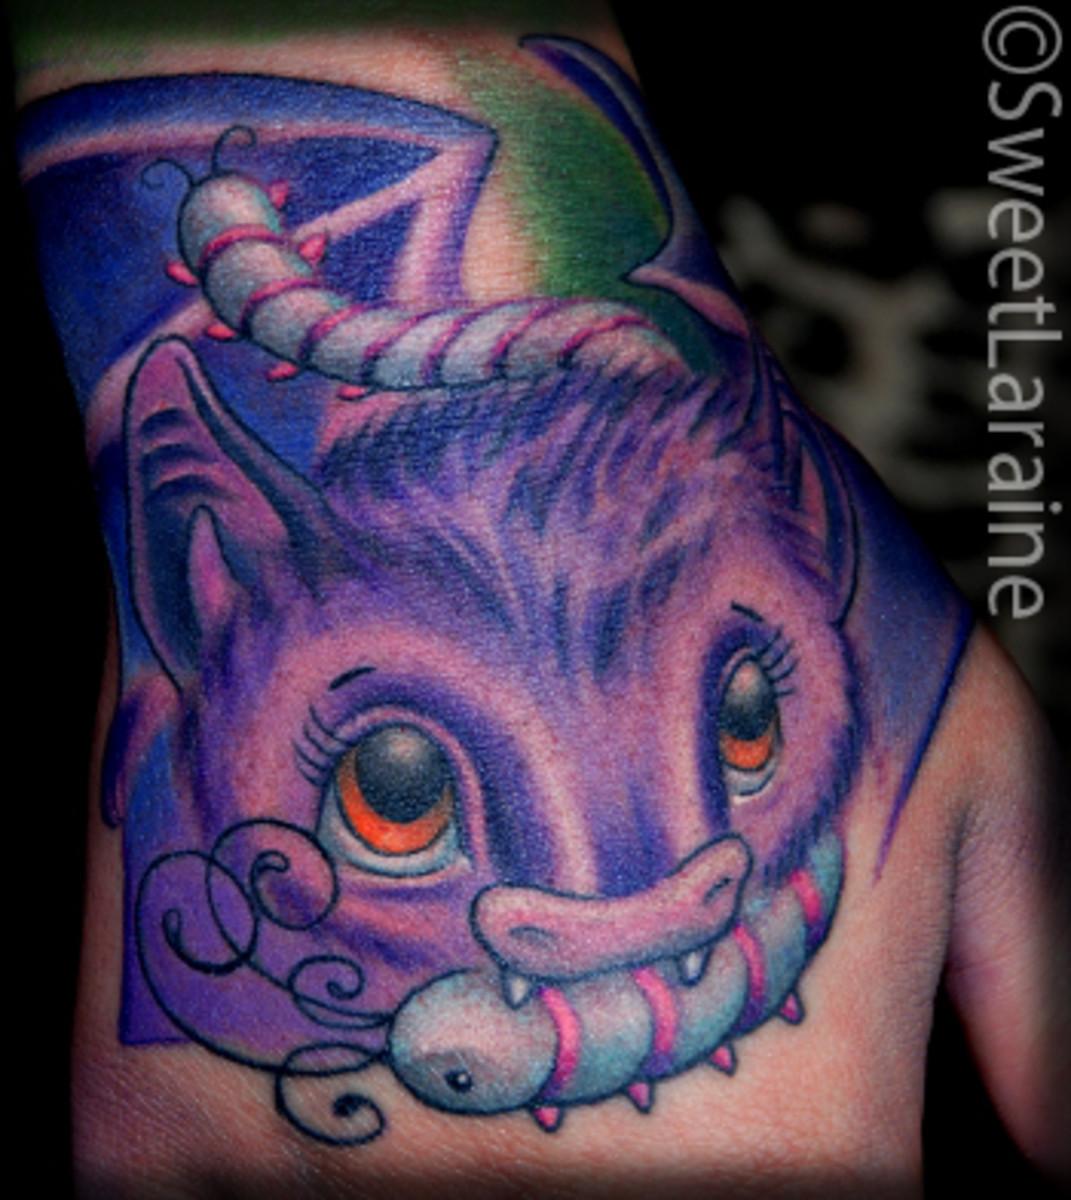 Cute bat tattoo.